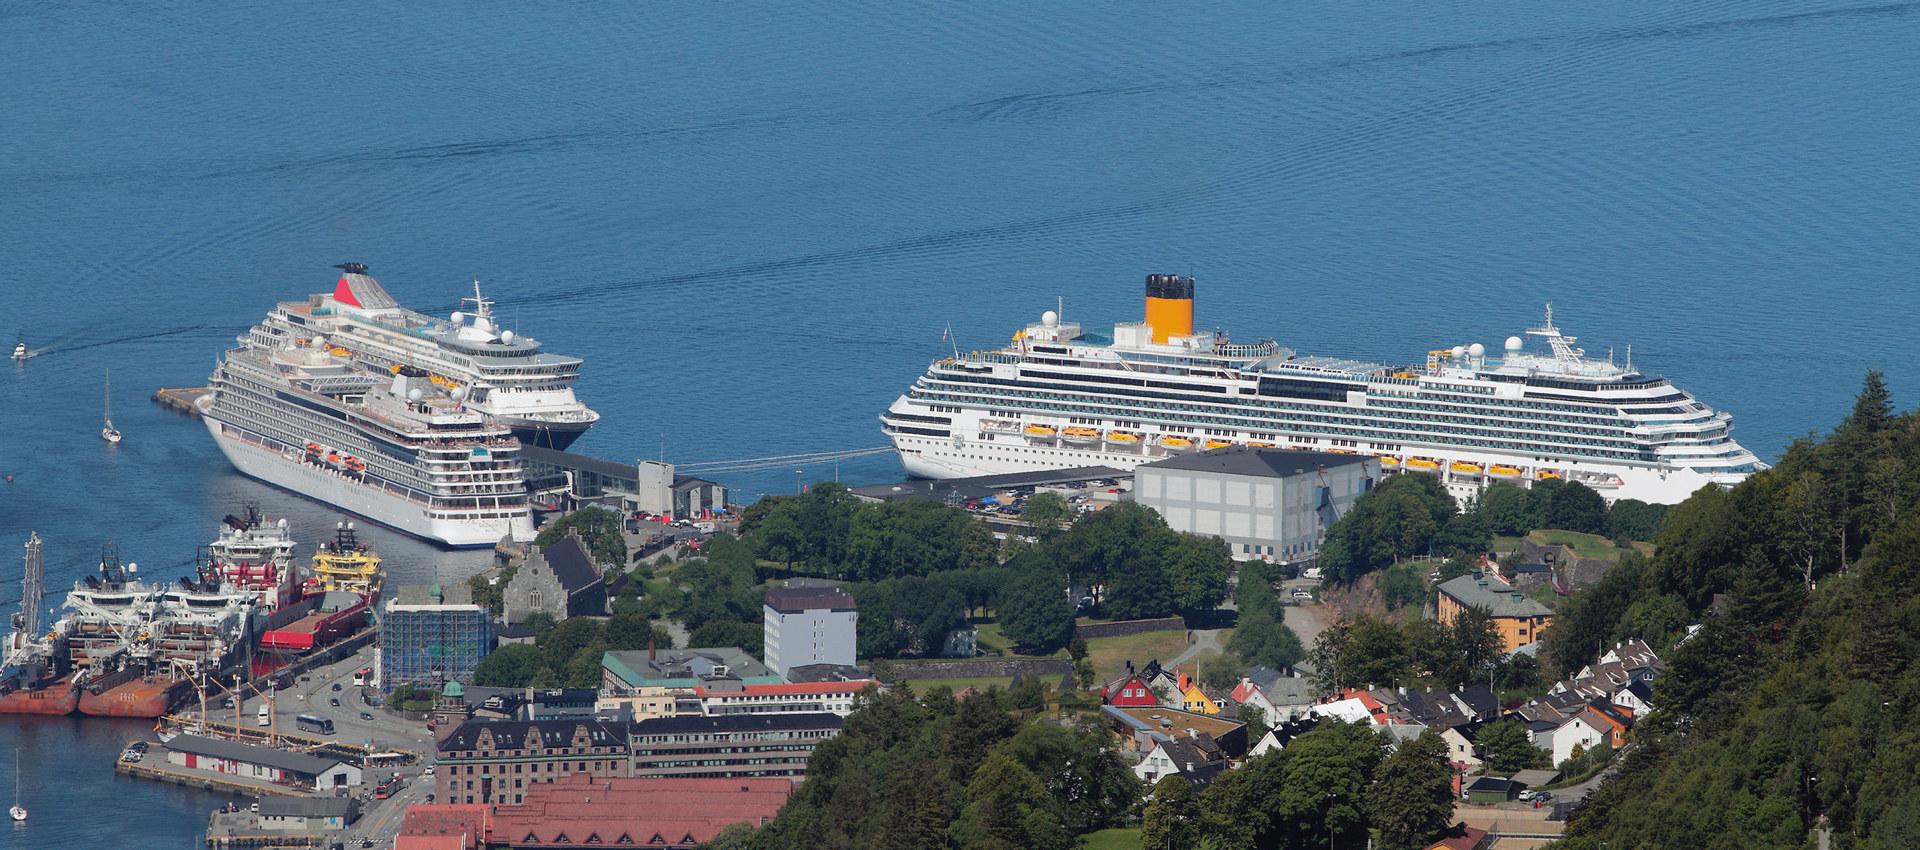 Cruisetrafikk i Bergen